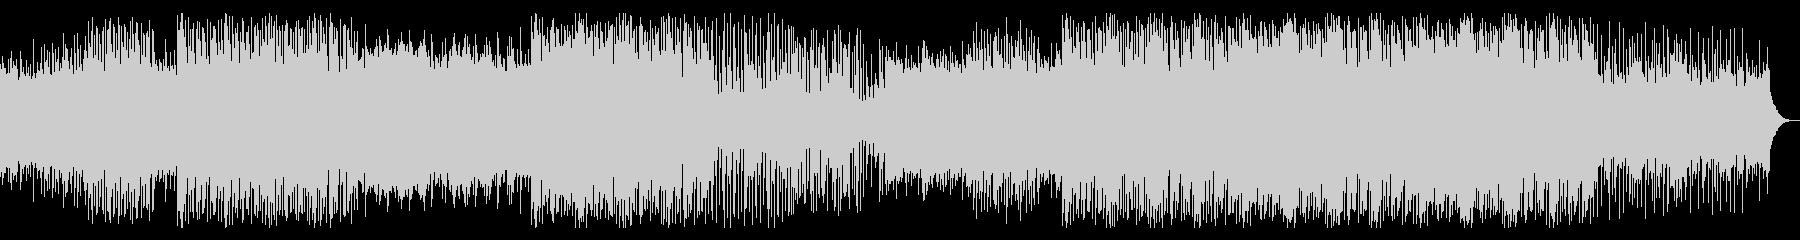 インド系の民族音楽風BGMの未再生の波形